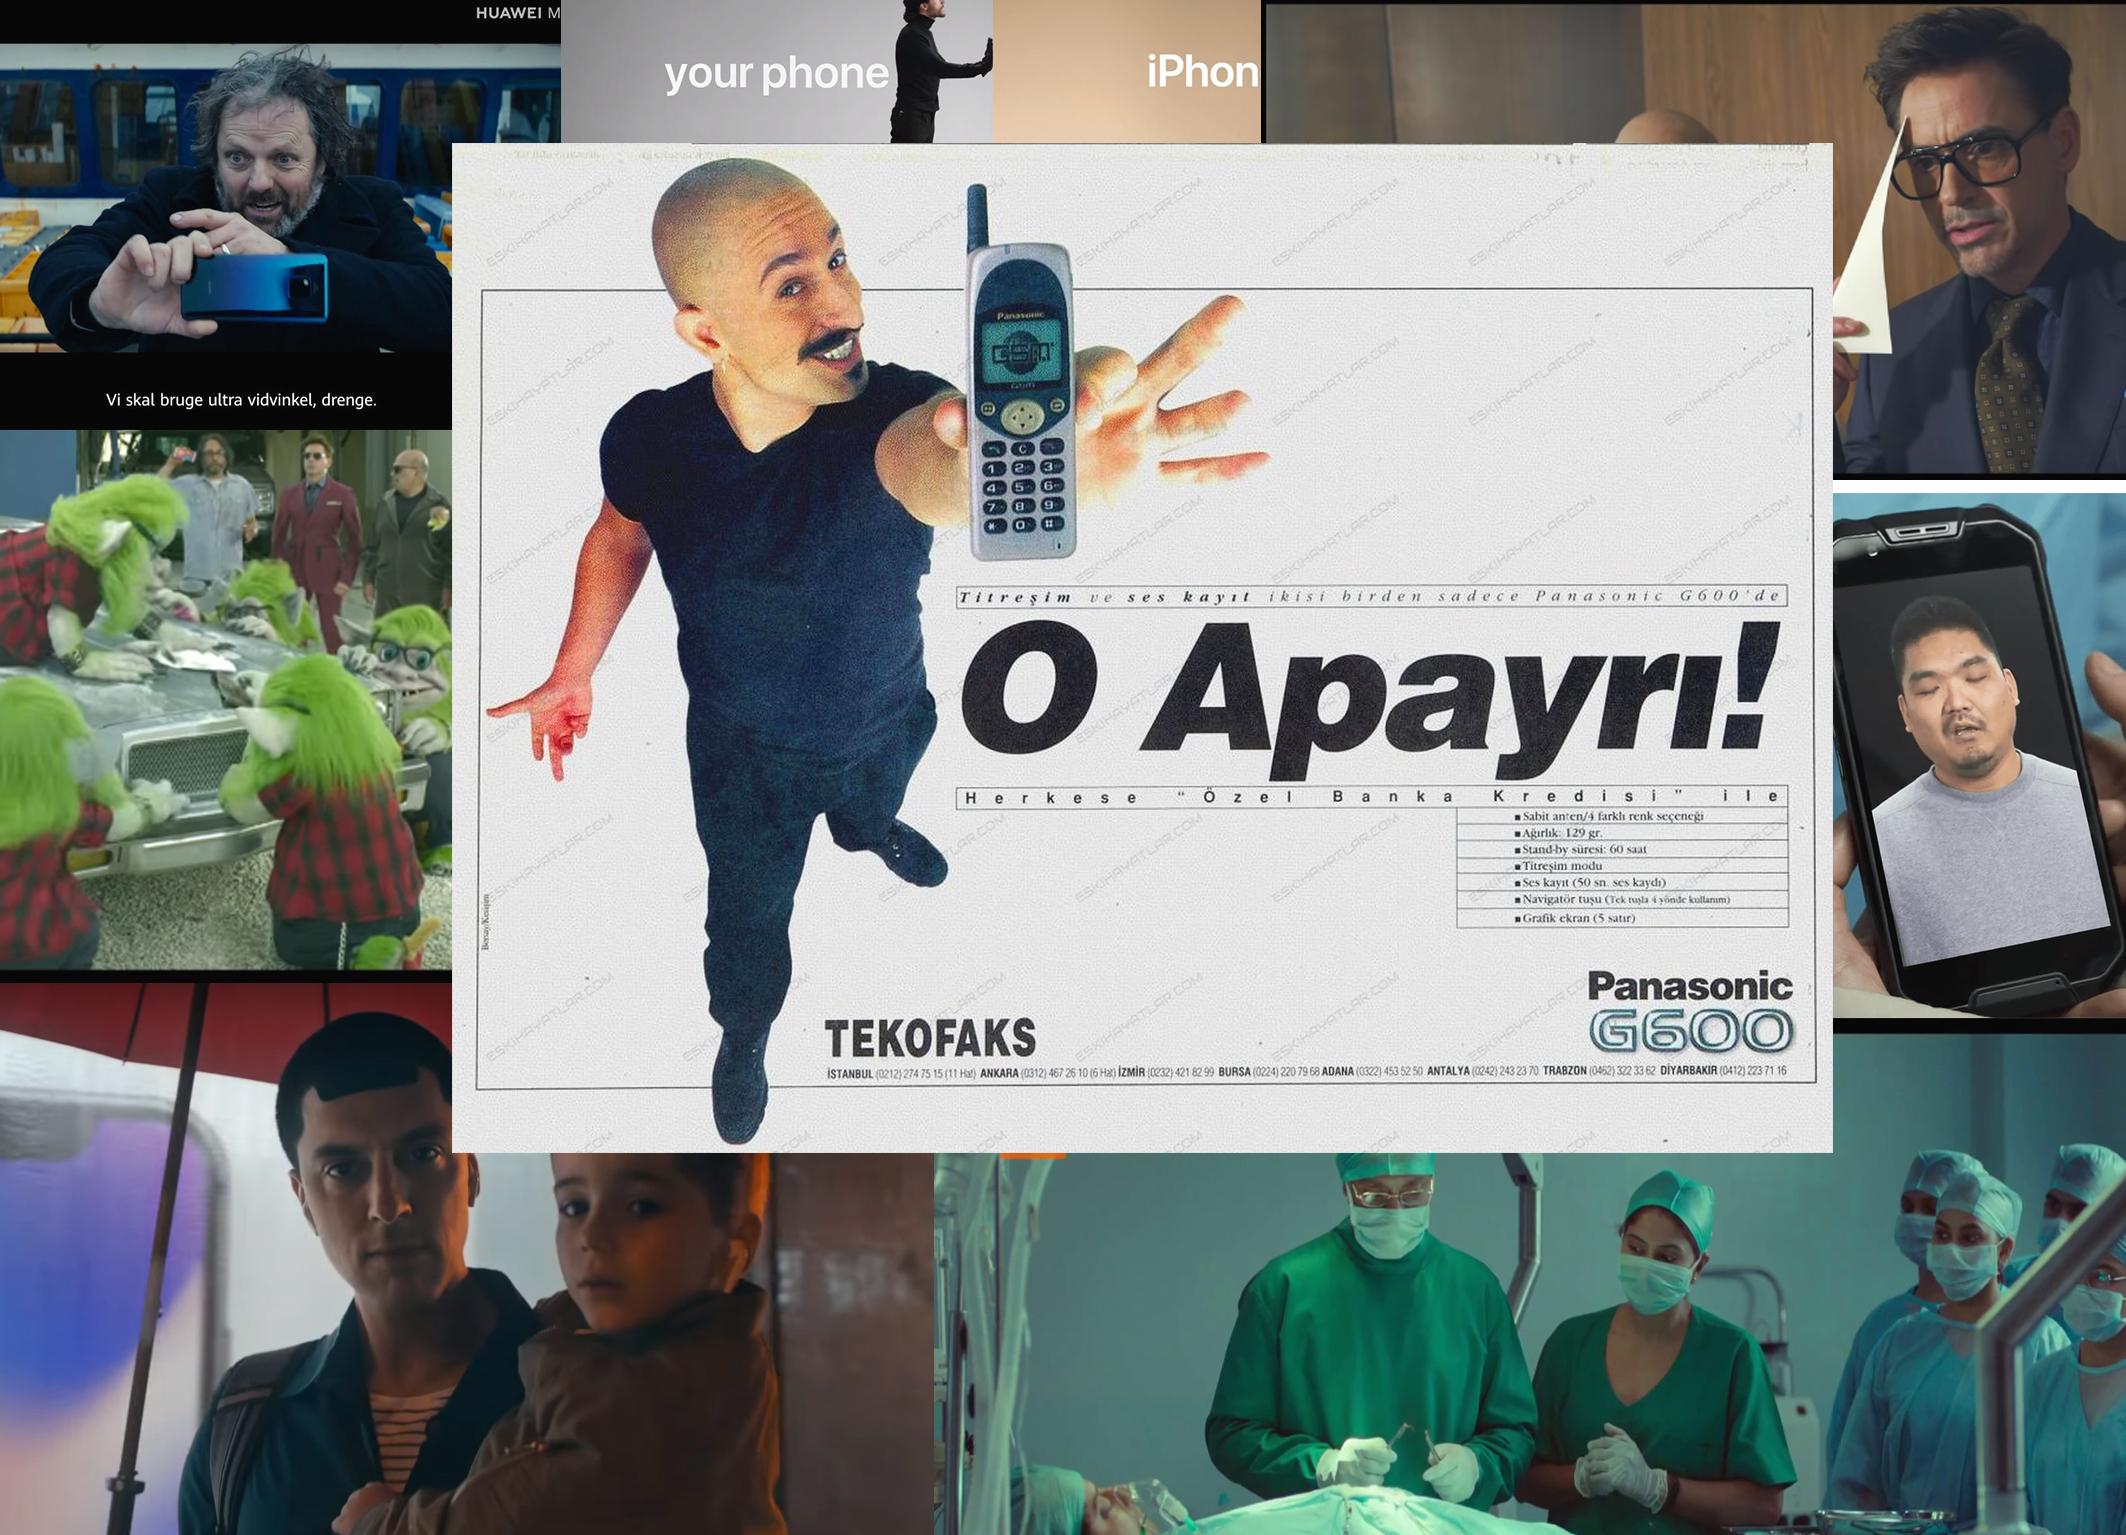 İlginç telefon reklamları